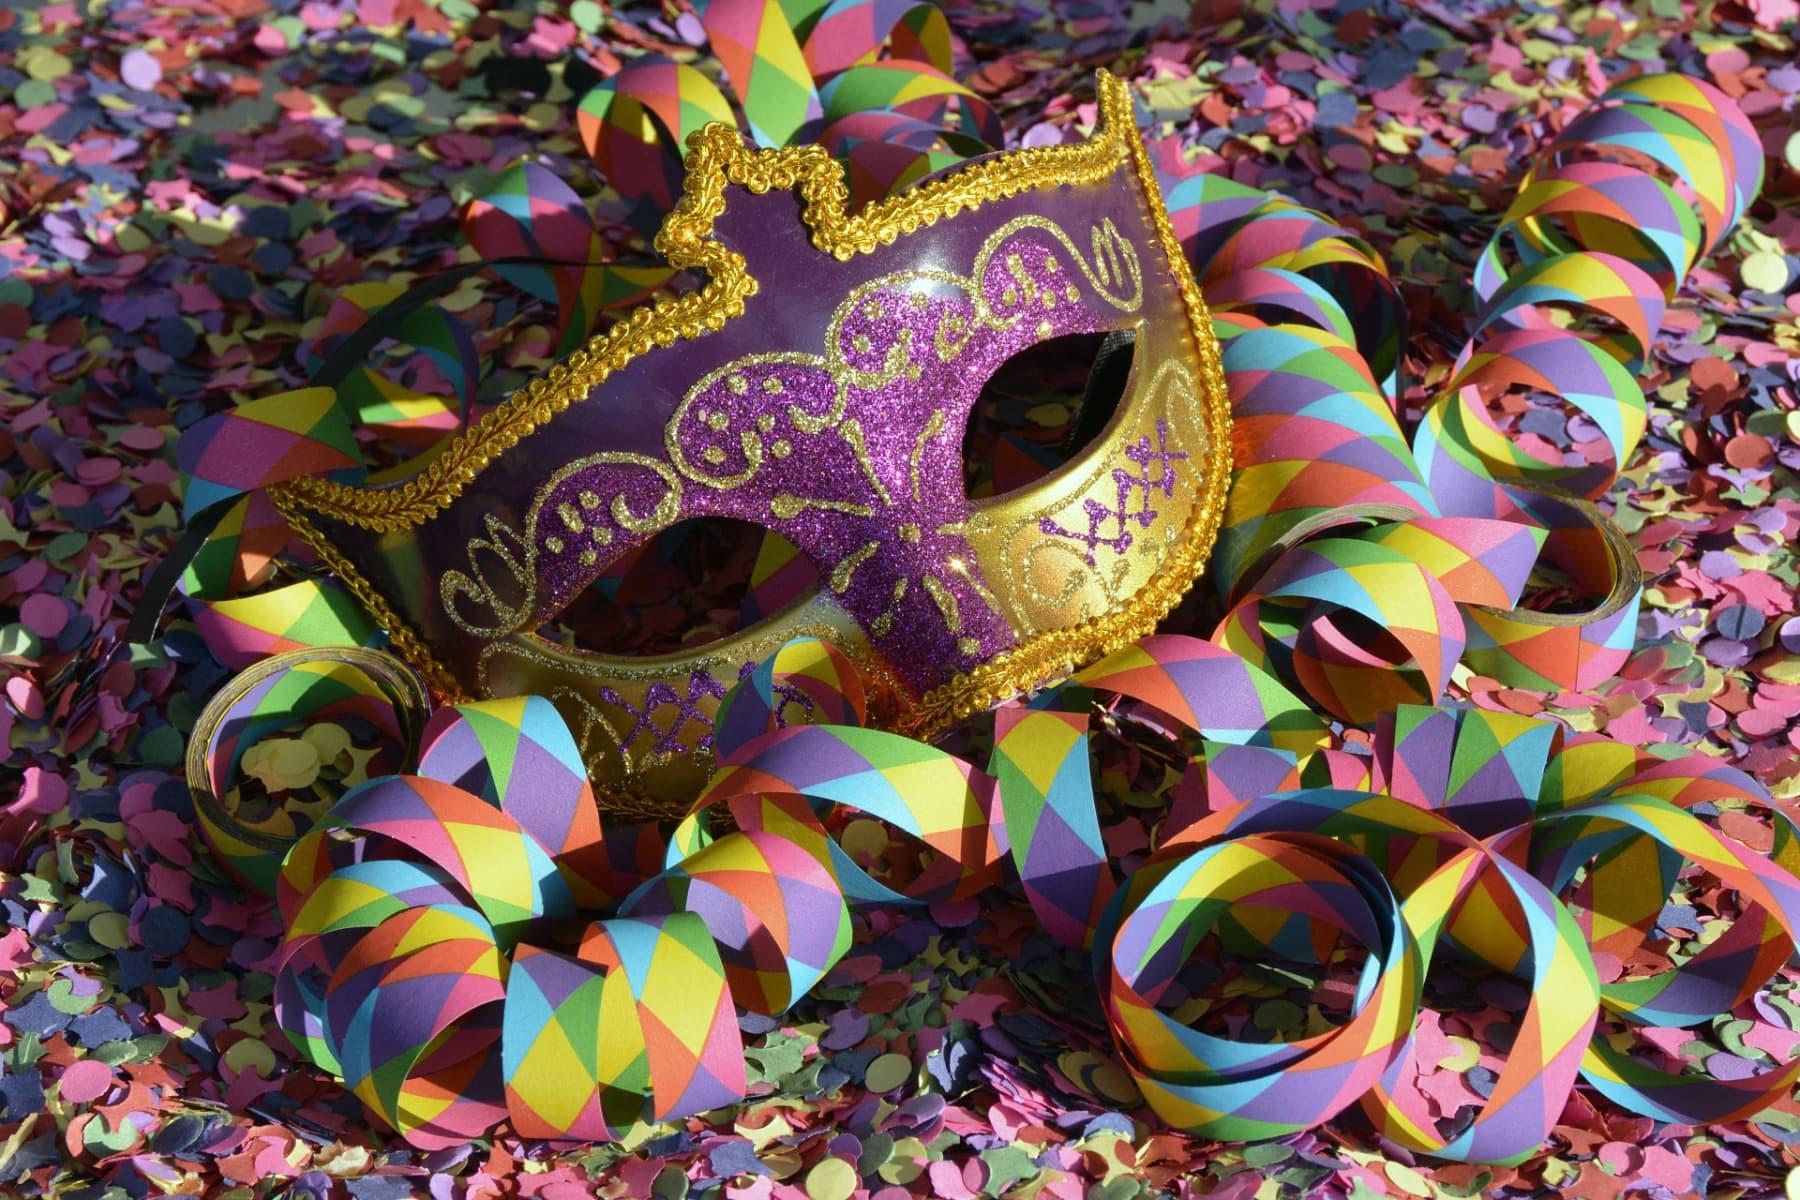 Fremdgehen auch zu Karneval ein No-Go